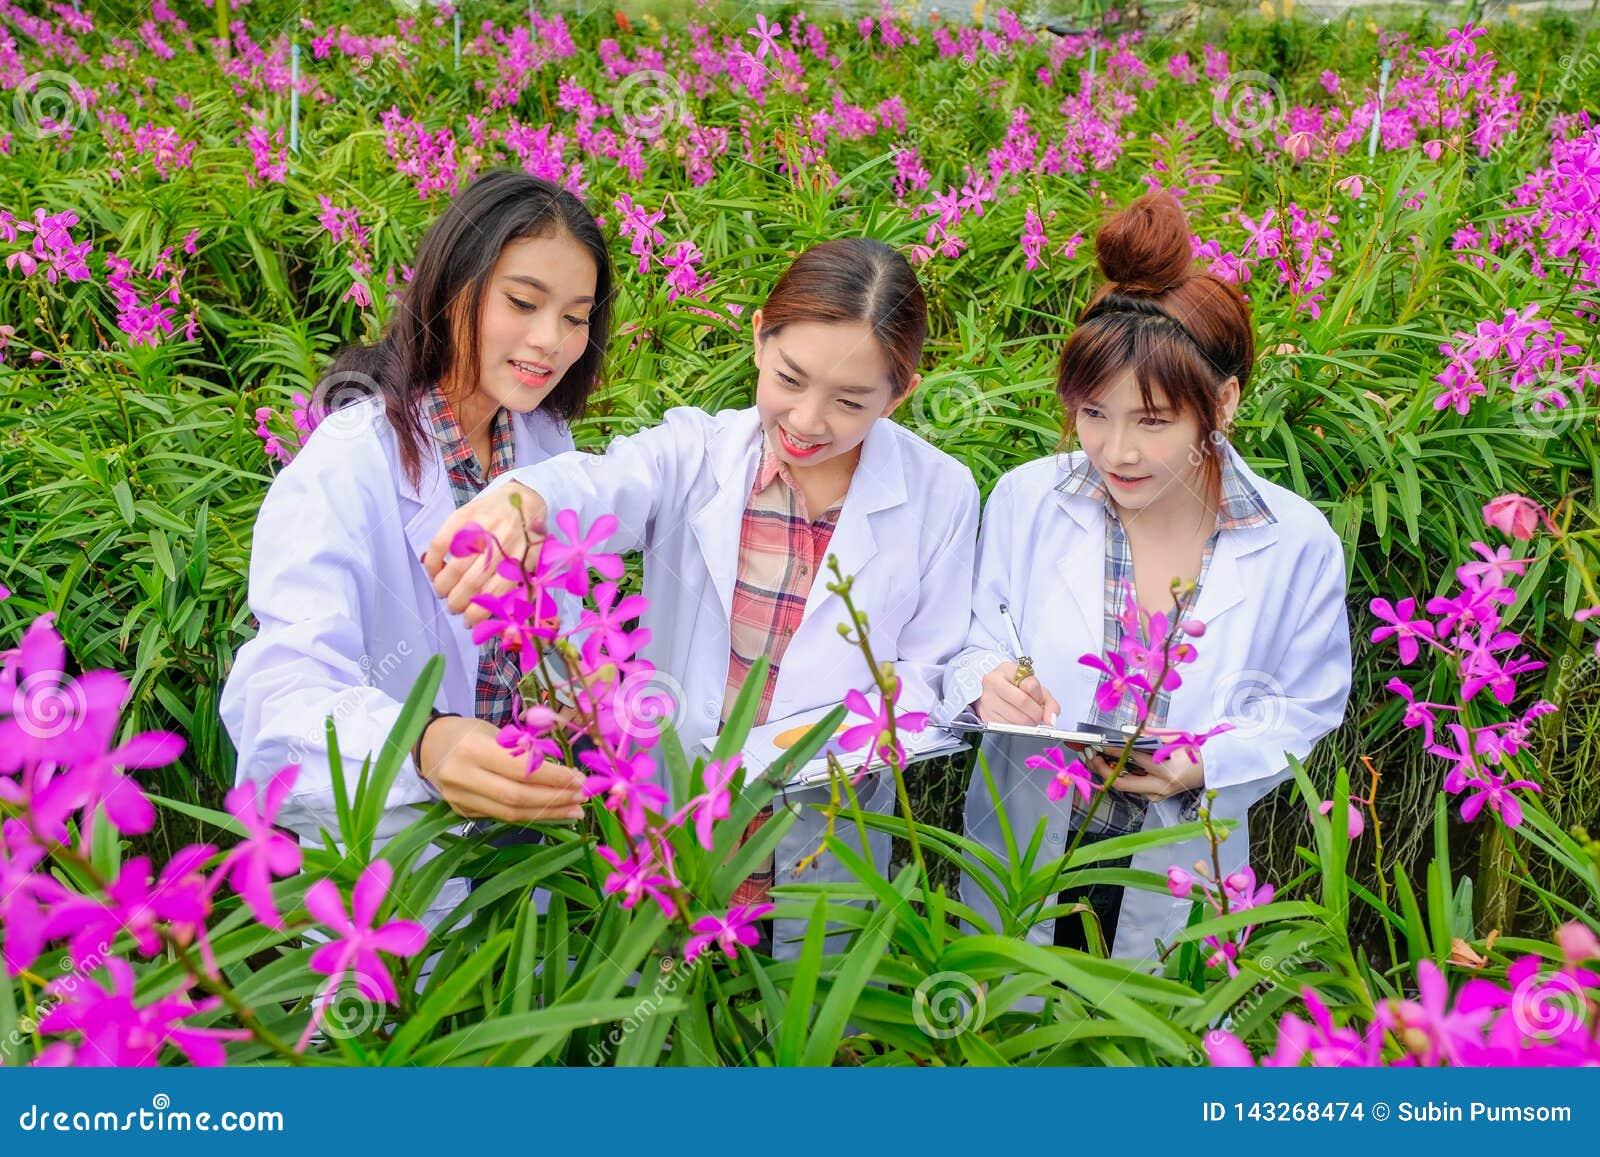 Azjatycka kobieta, badacz w biel sukni i bada orchidea ogród dla badanie i rozwój nowych storczykowych gatunków